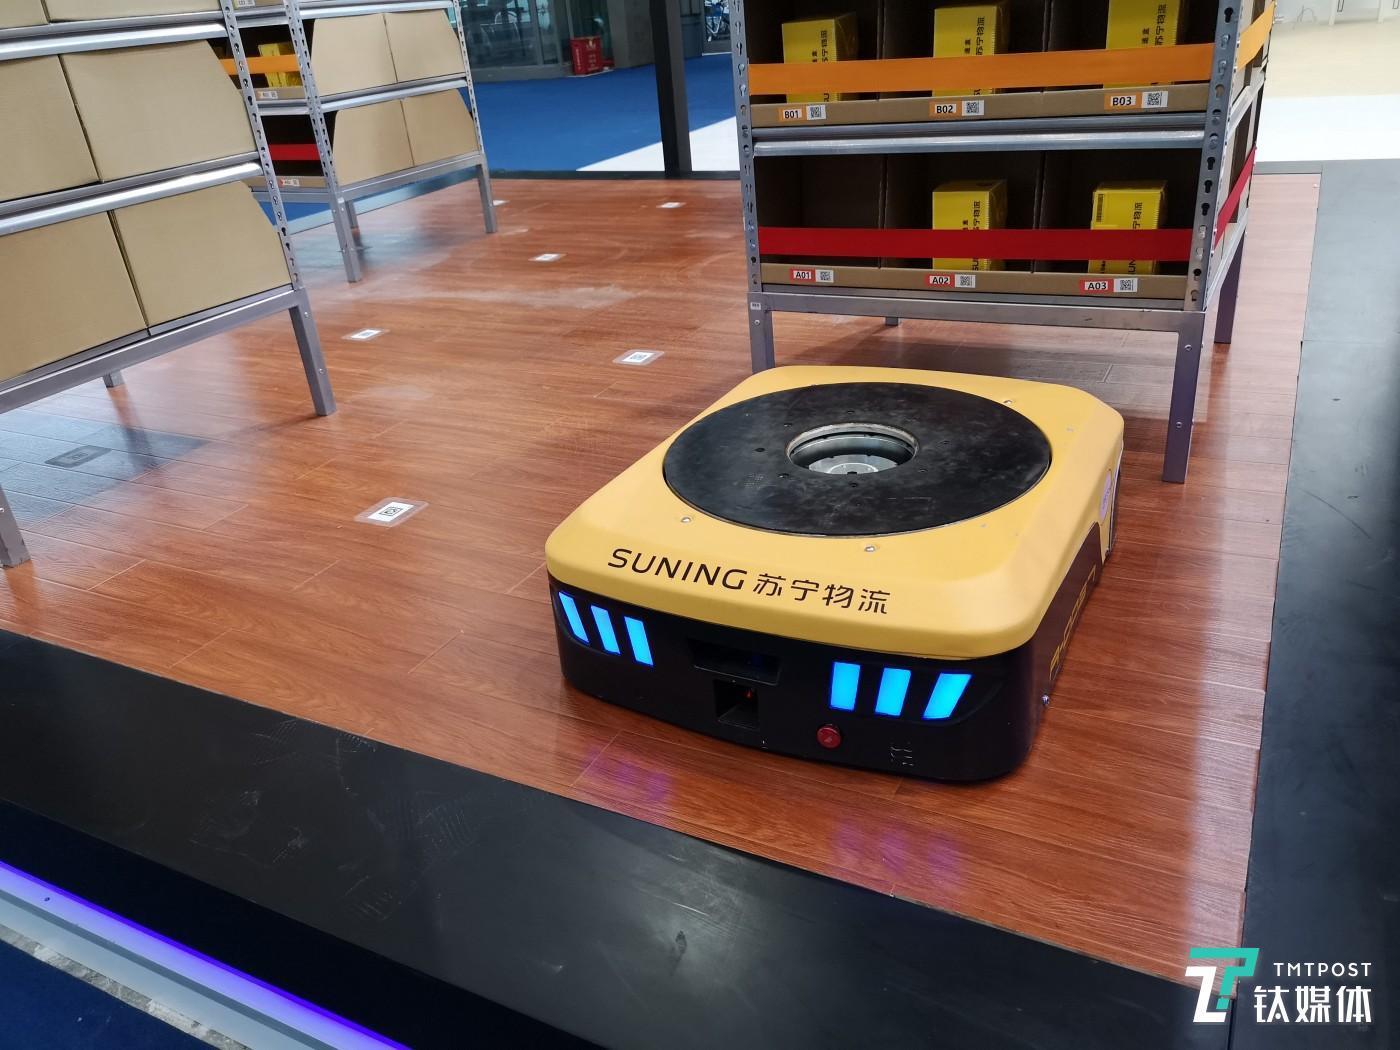 苏宁AGV物流机器人